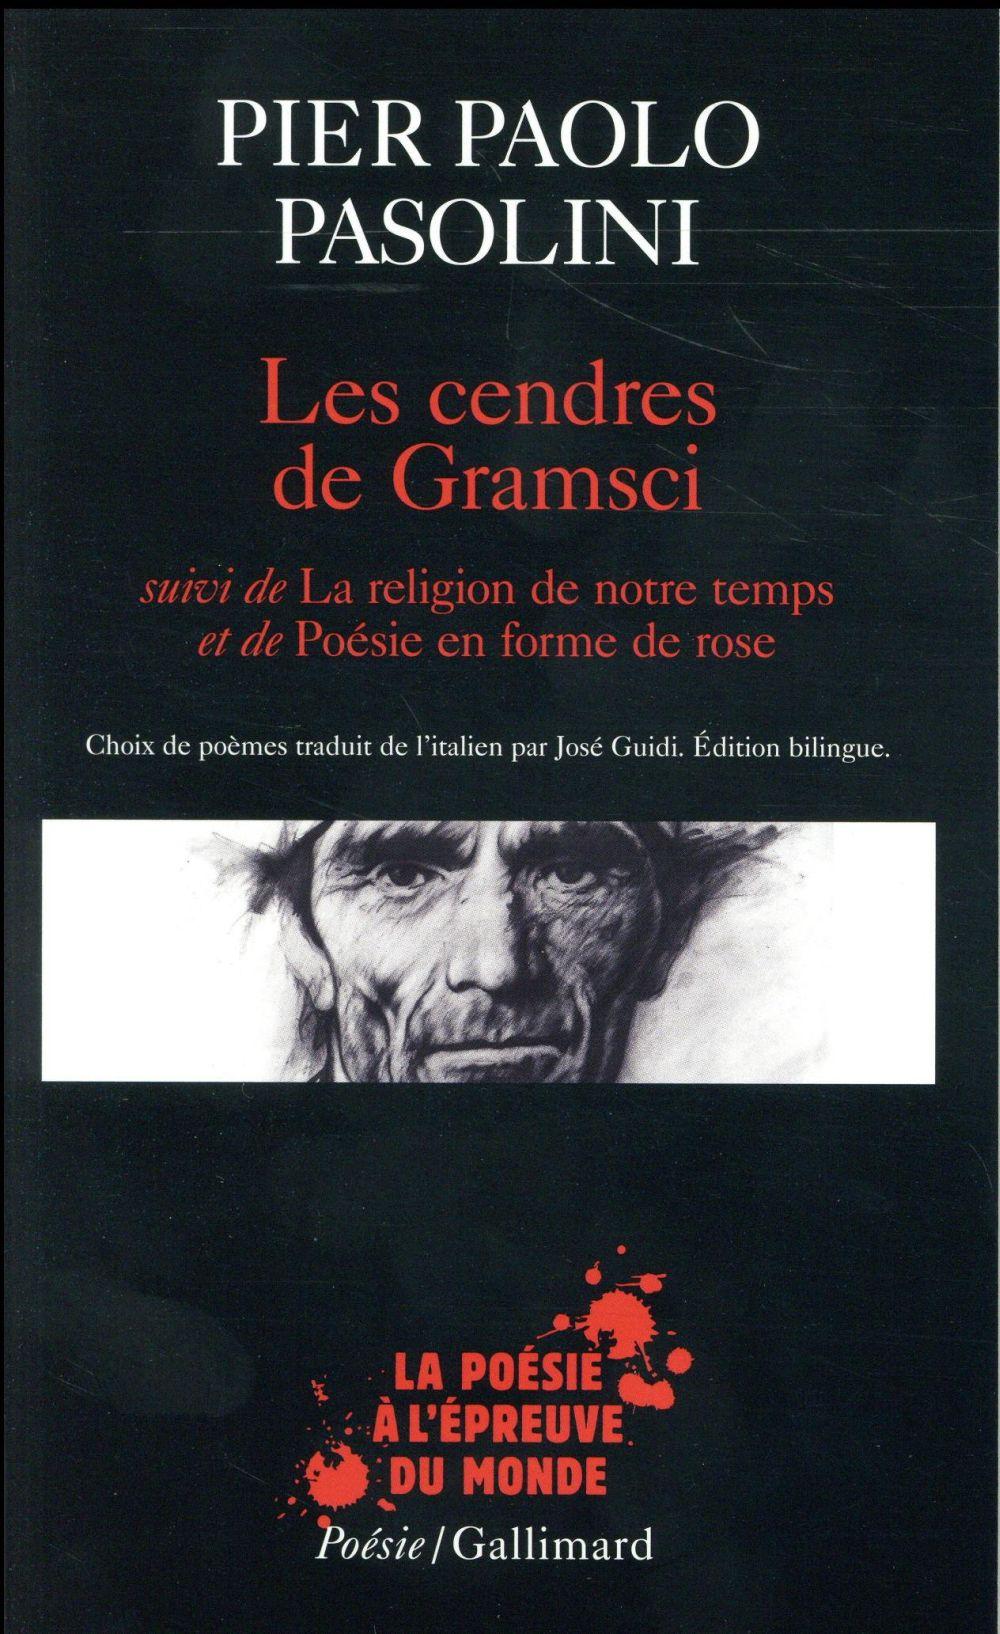 LES CENDRES DE GRAMSCI  -  LA RELIGION DE NOTRE TEMPS  -  POESIE EN FORME DE ROSE